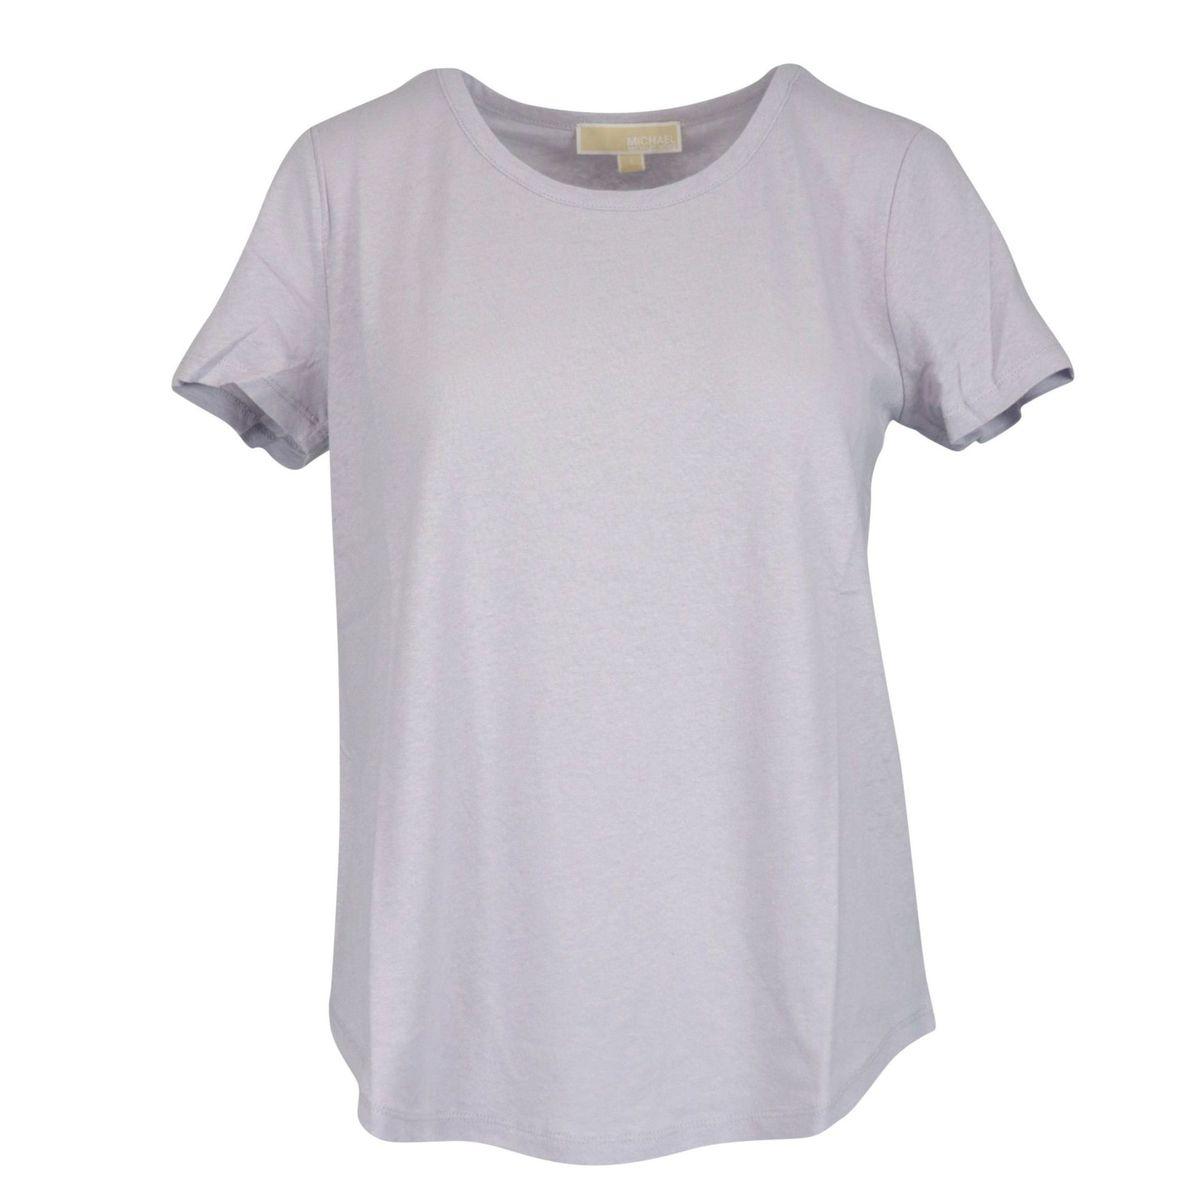 Short sleeve T-shirt in linen blend Lavender Michael Kors